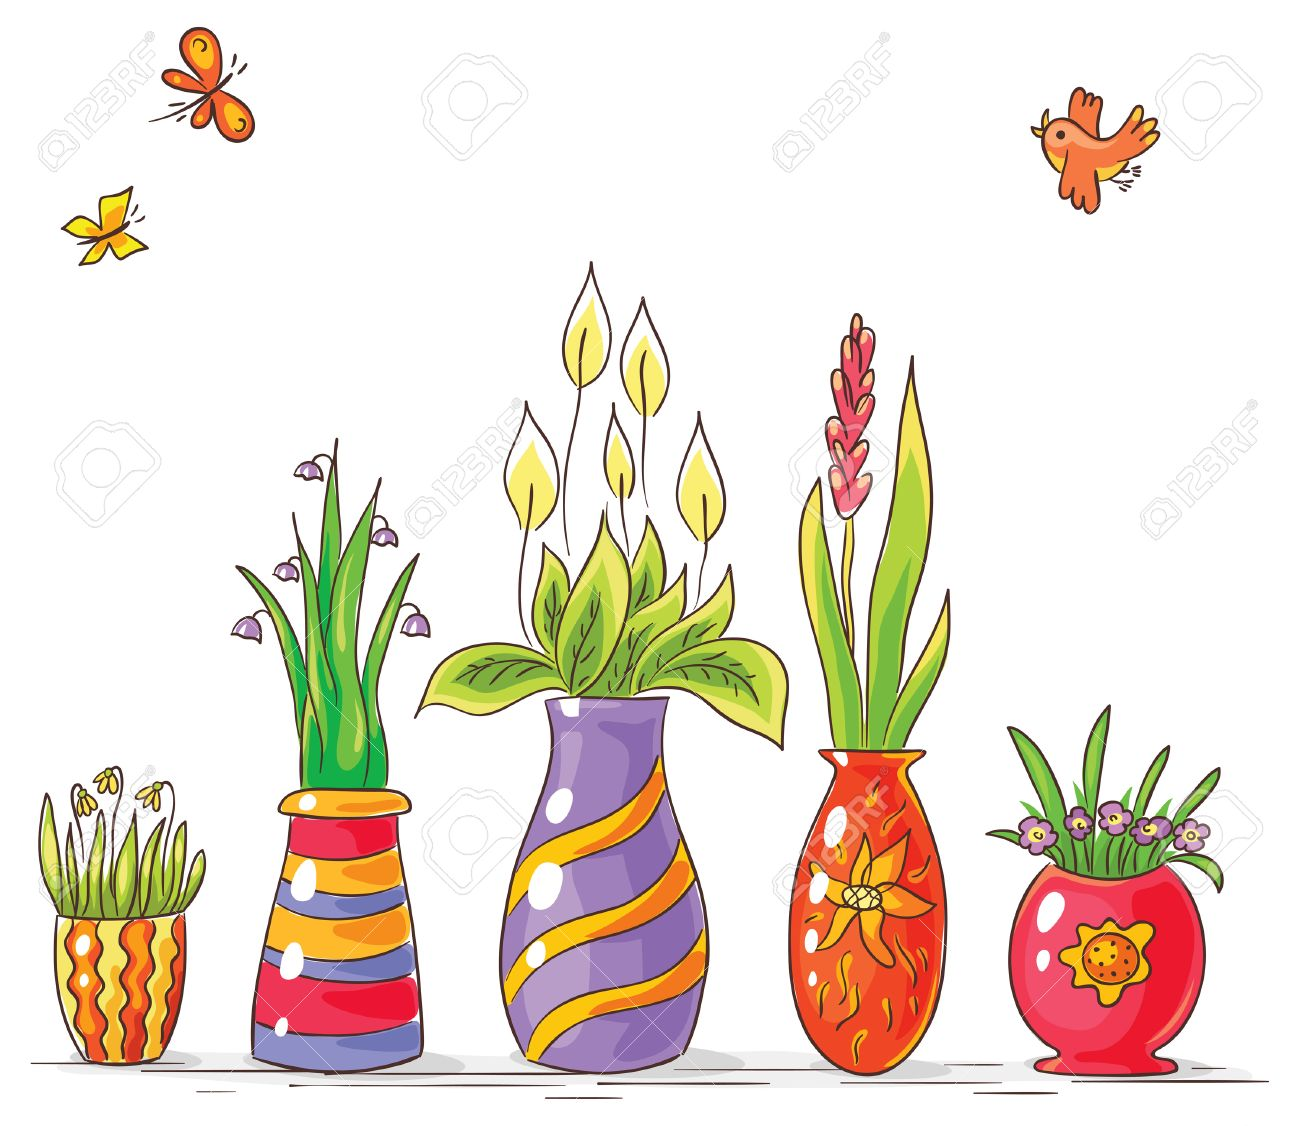 dibujo de jarrones con flores de colores en una fila no degradados foto de archivo